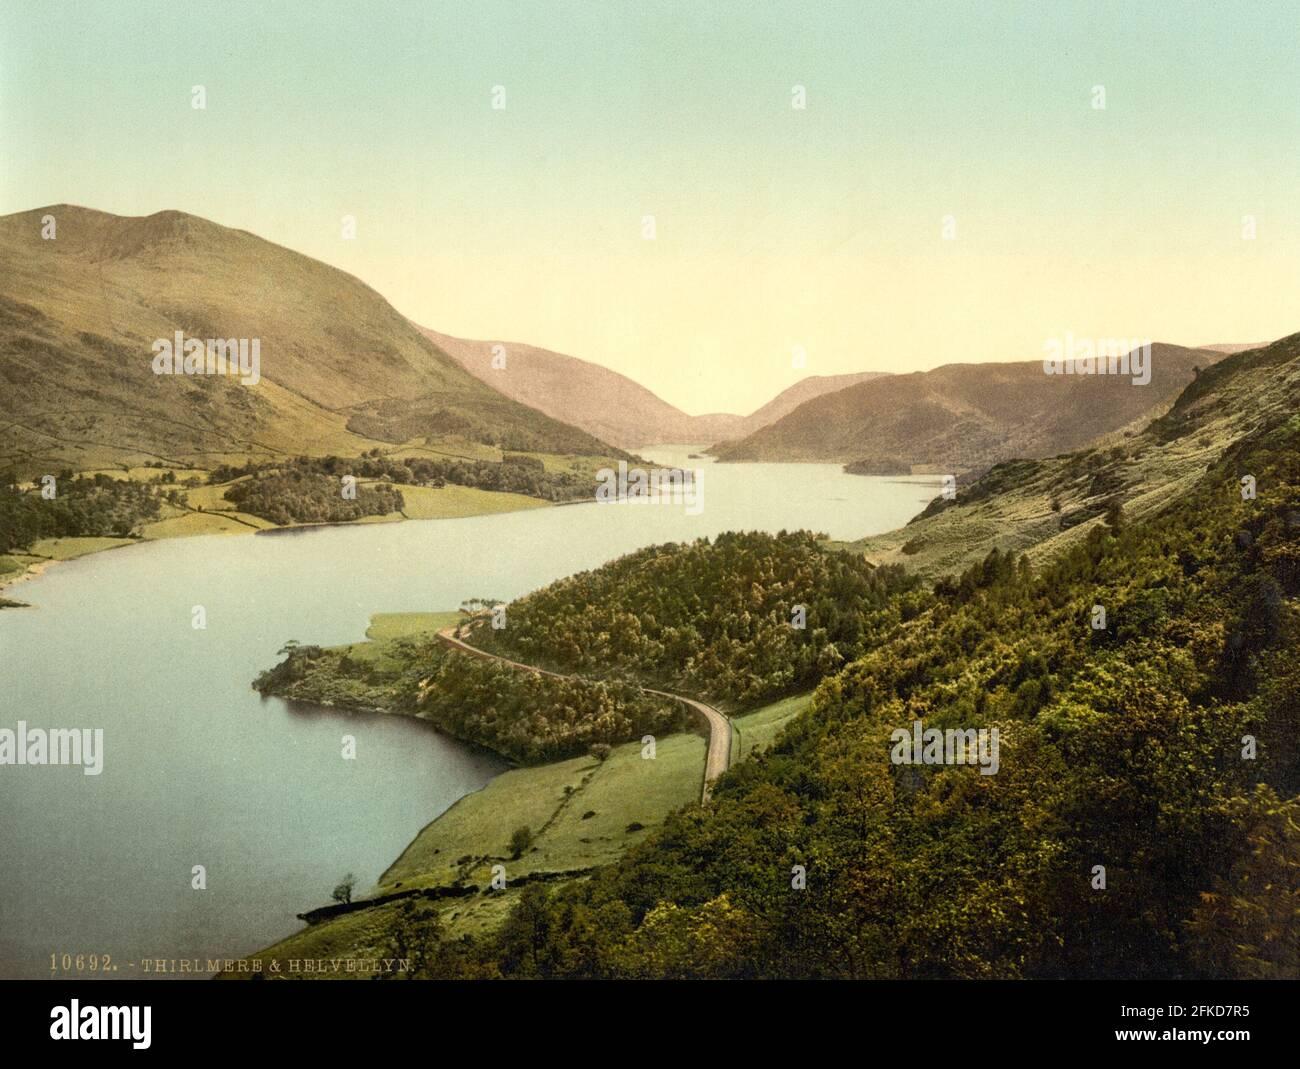 Thirlmere e Hellvellyn nel Distretto dei Laghi, Cumbria circa 1890-1900 Foto Stock